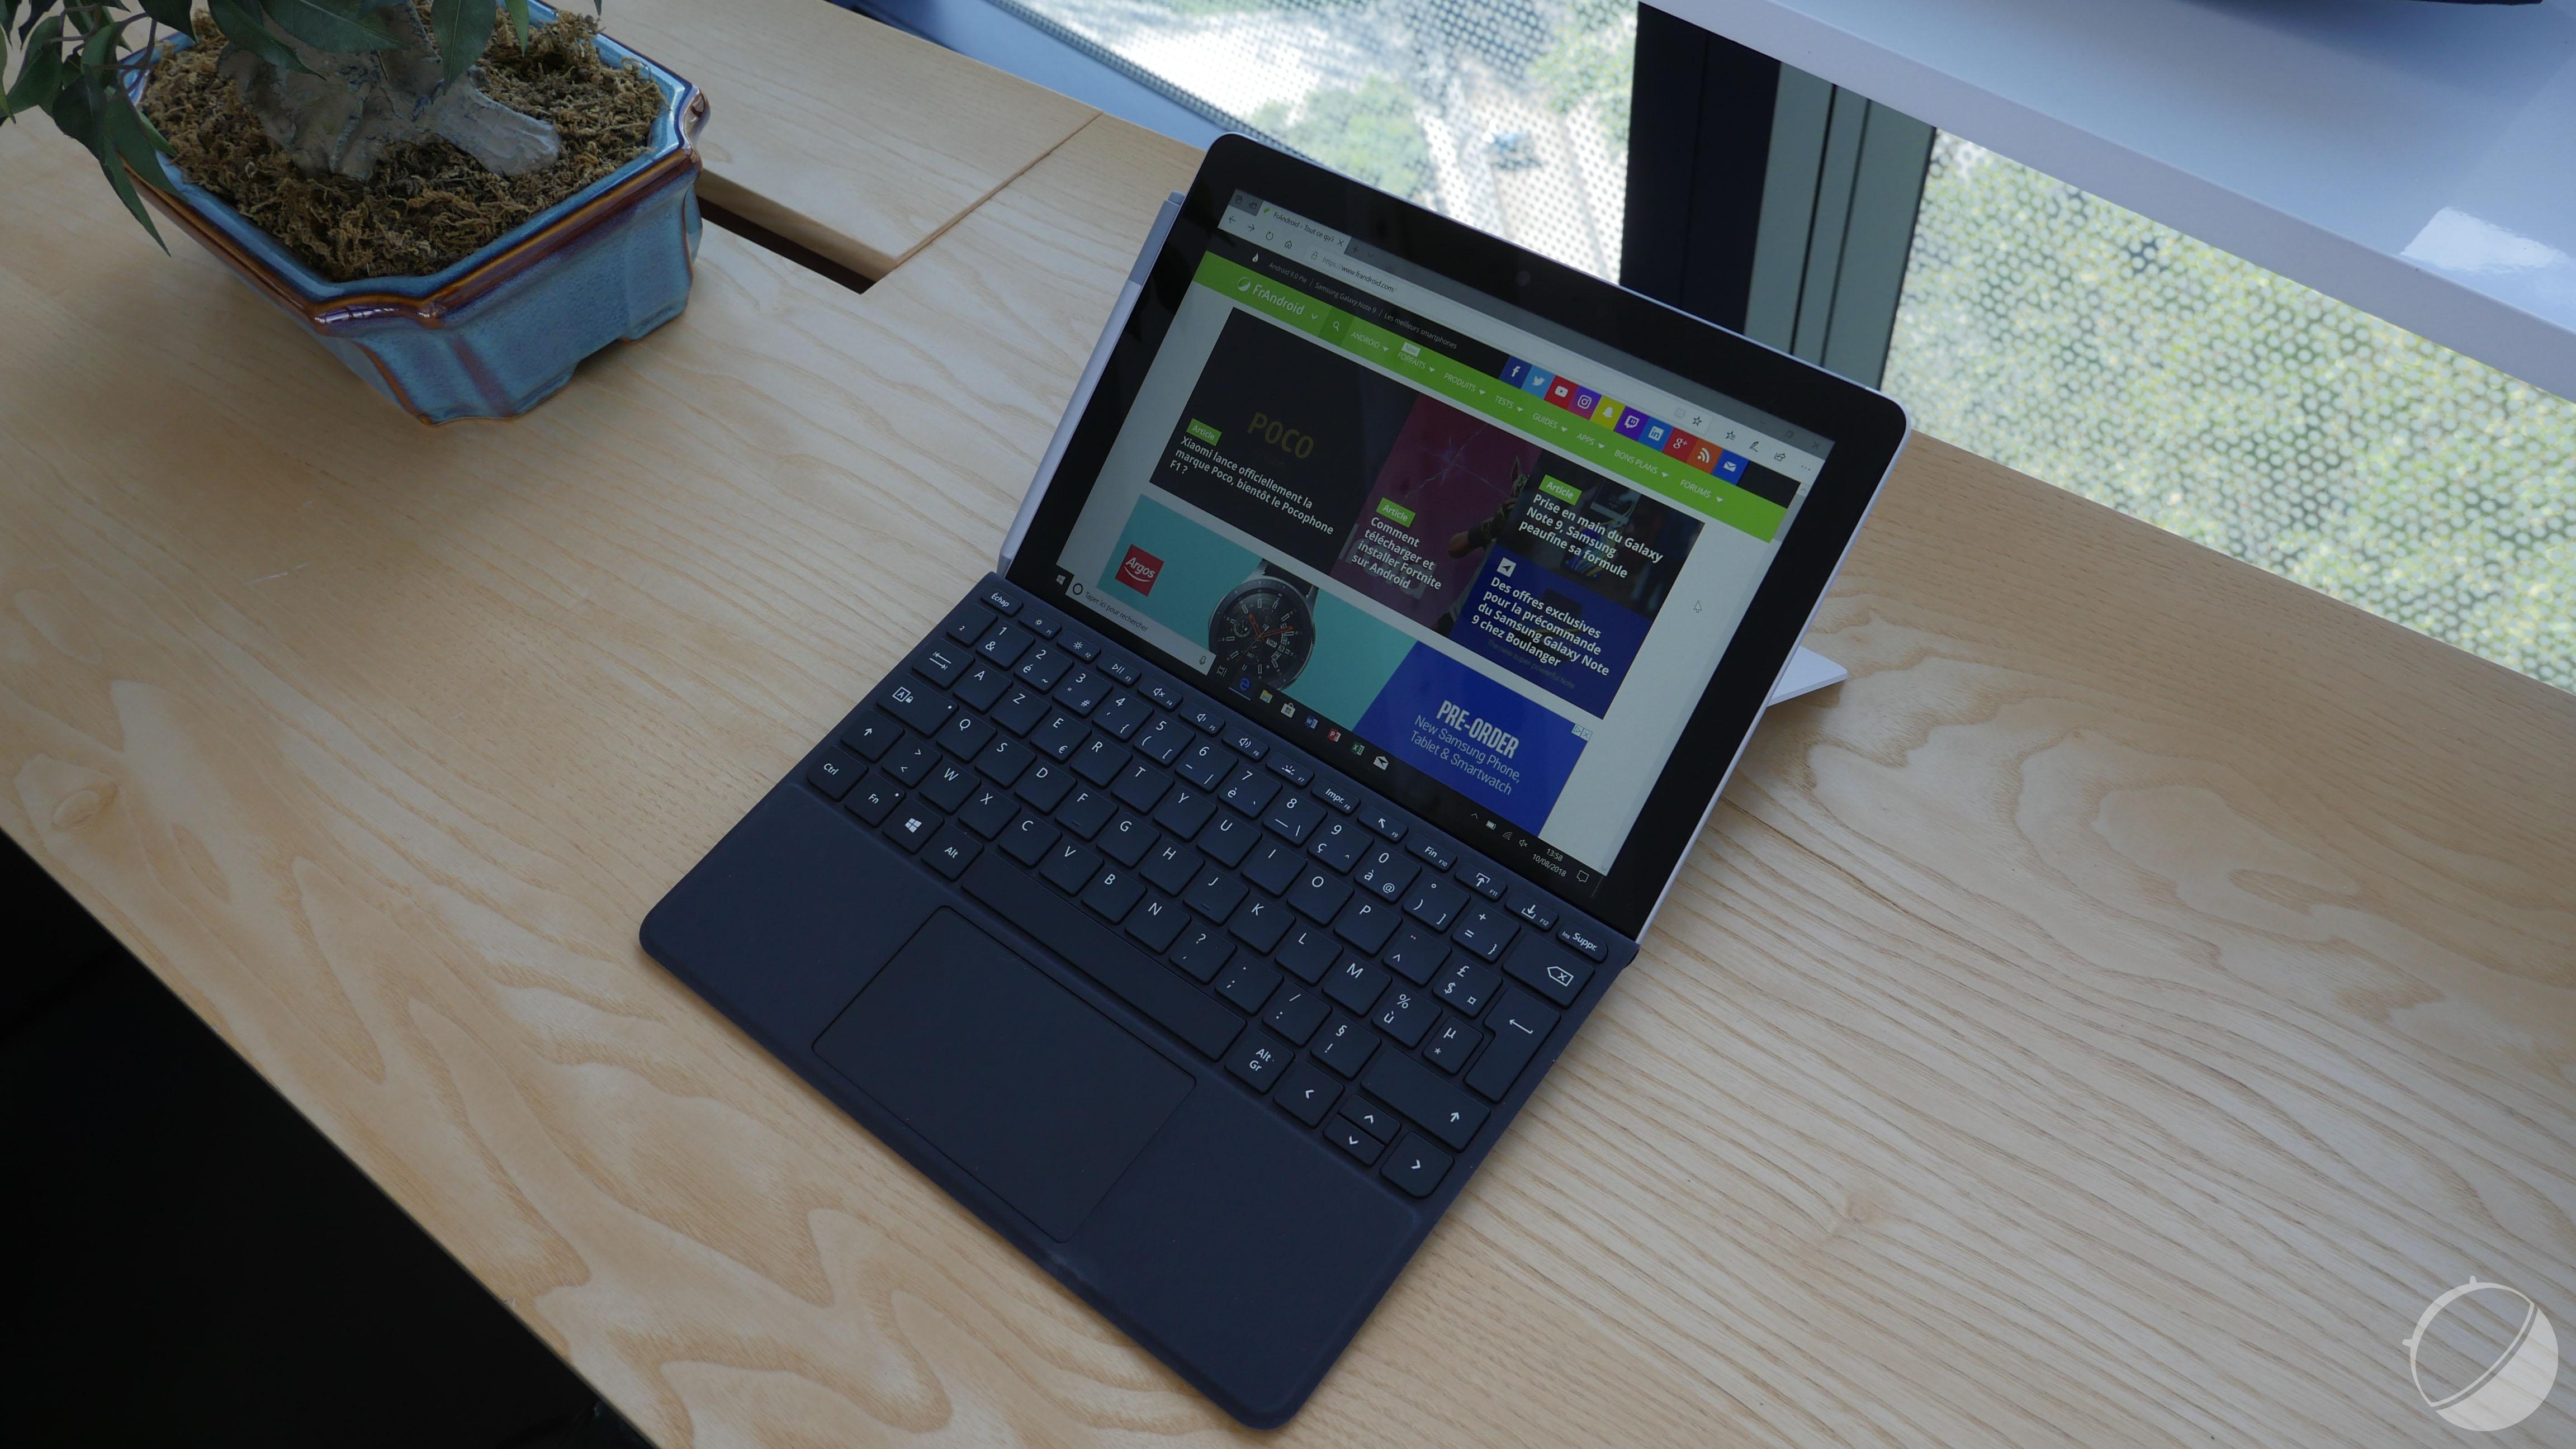 Excalibur et Picasso : les prochaines Microsoft Surface voudraient mettre fin au monopole Intel